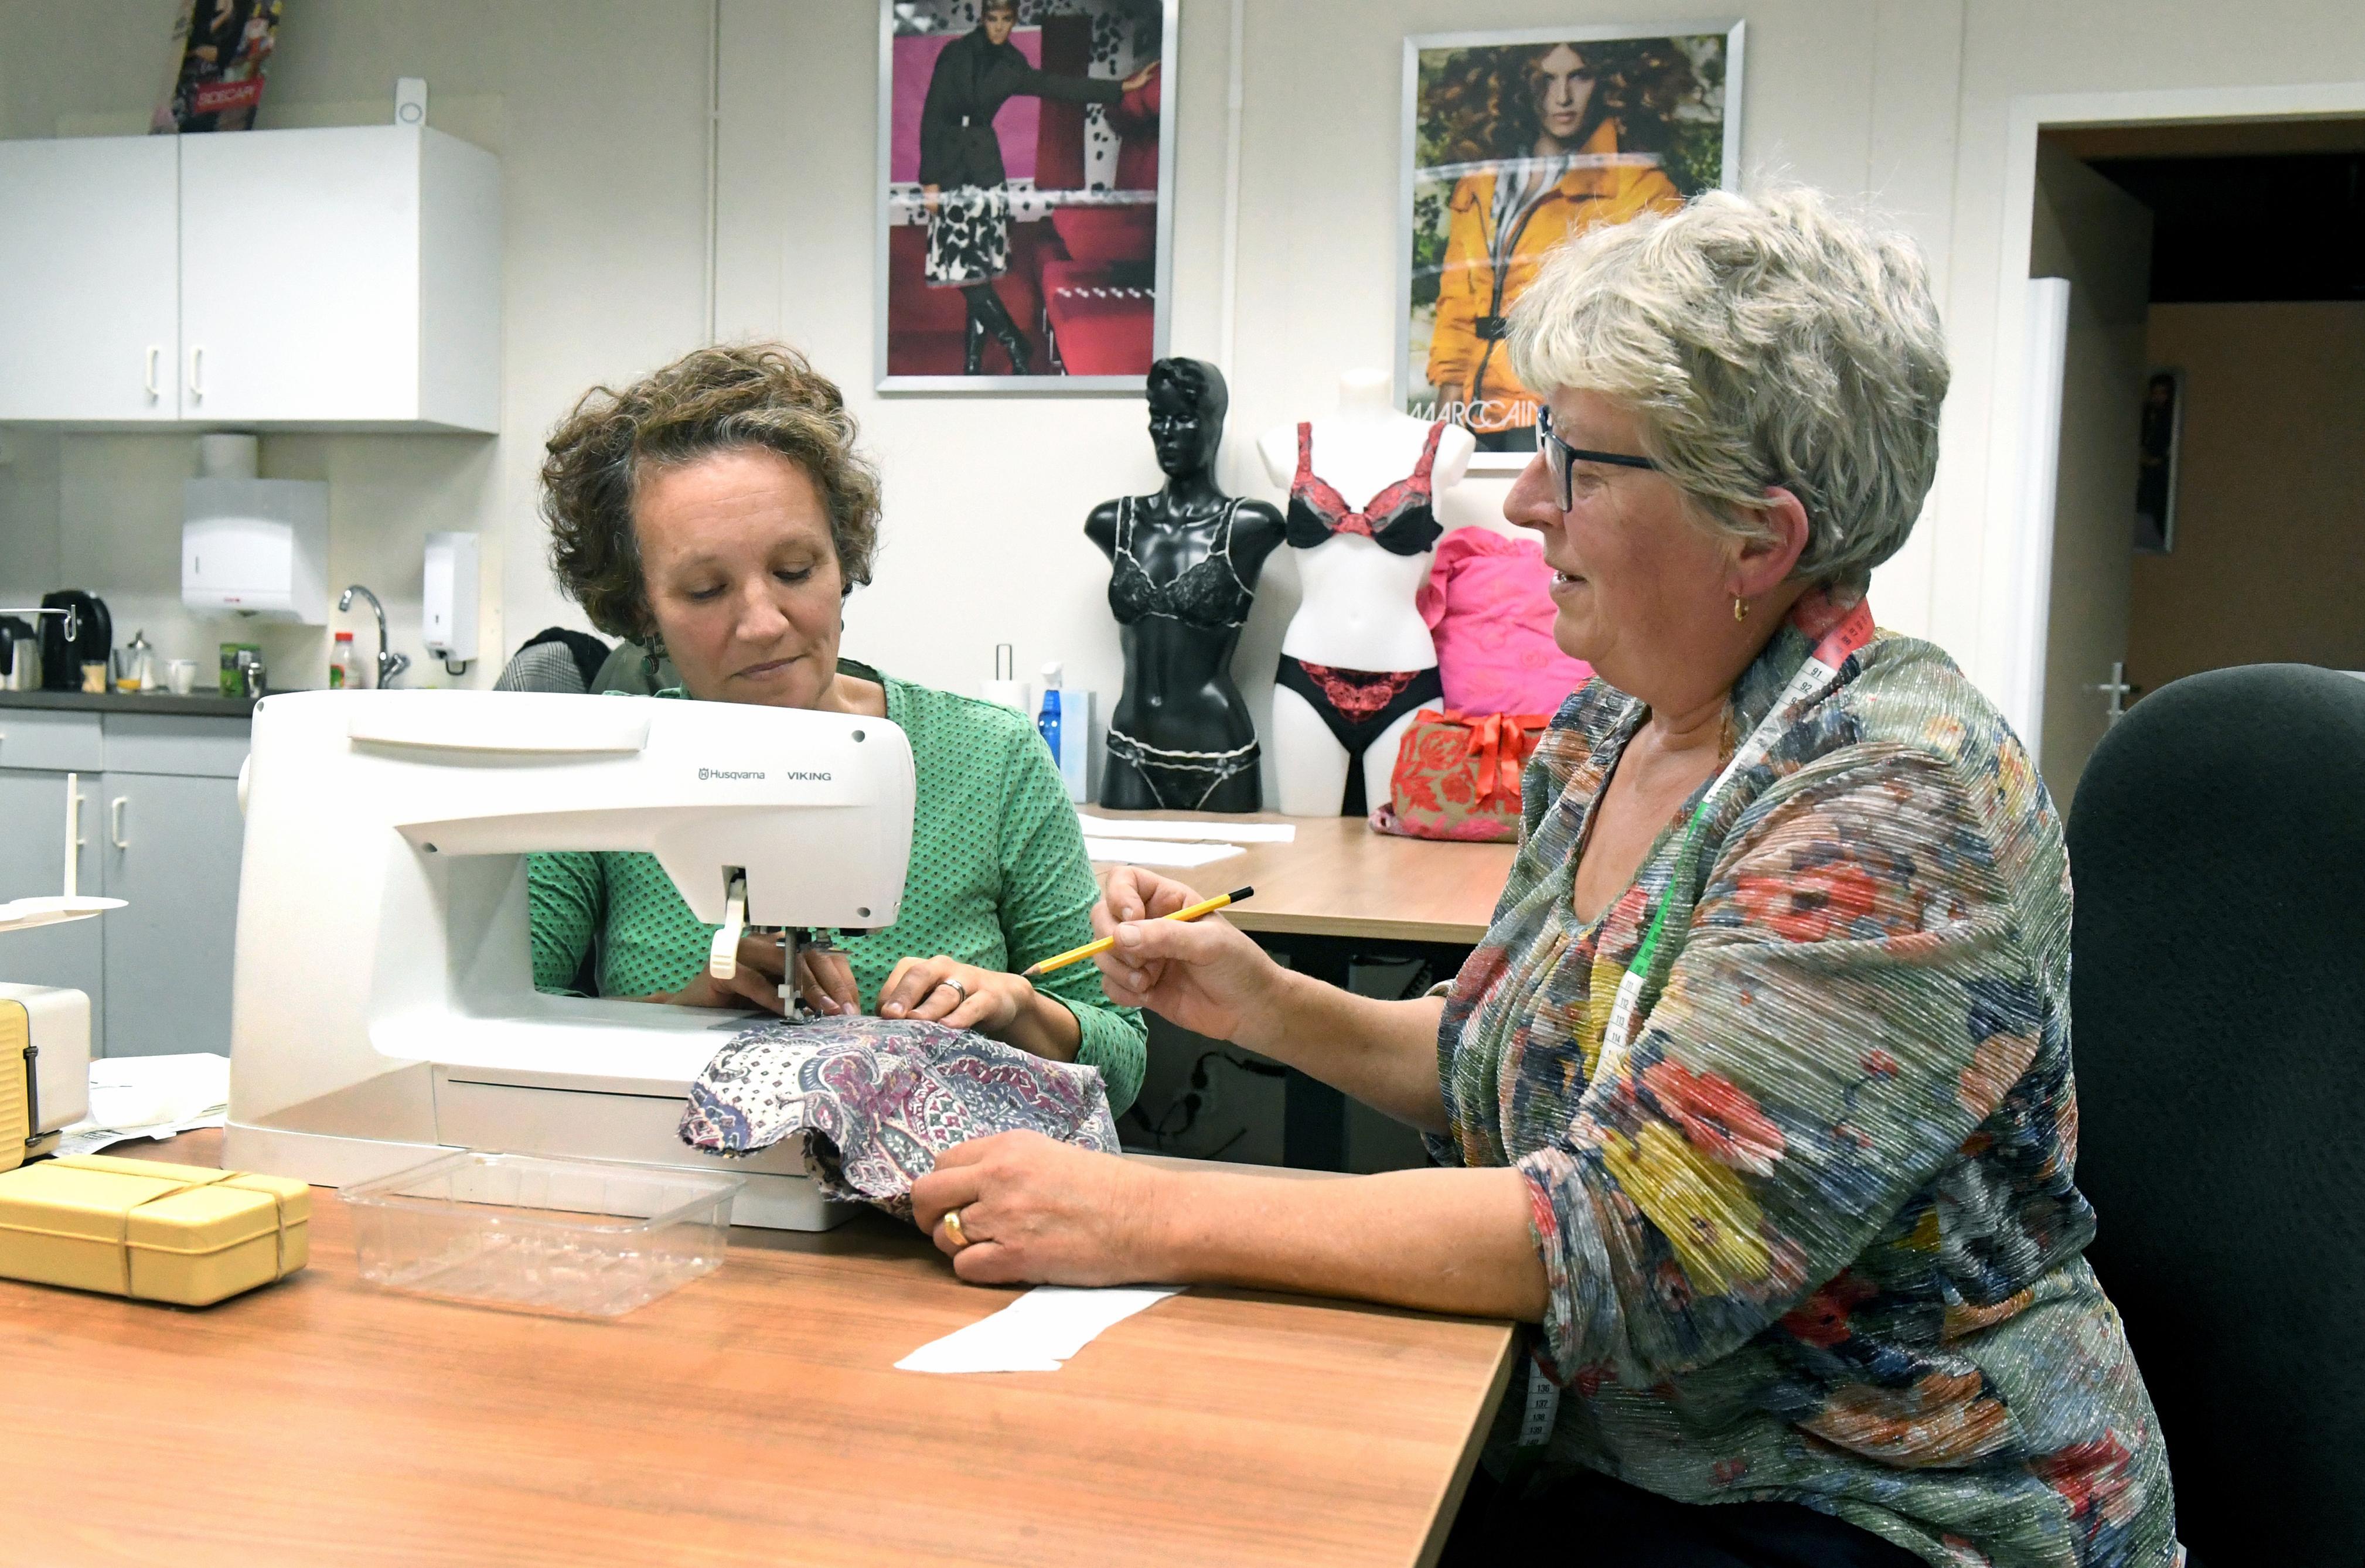 Zelf een kledingstuk maken geeft een enorme kick, zeggen cursisten. 'Ik zal niet gauw iets via internet bestellen'